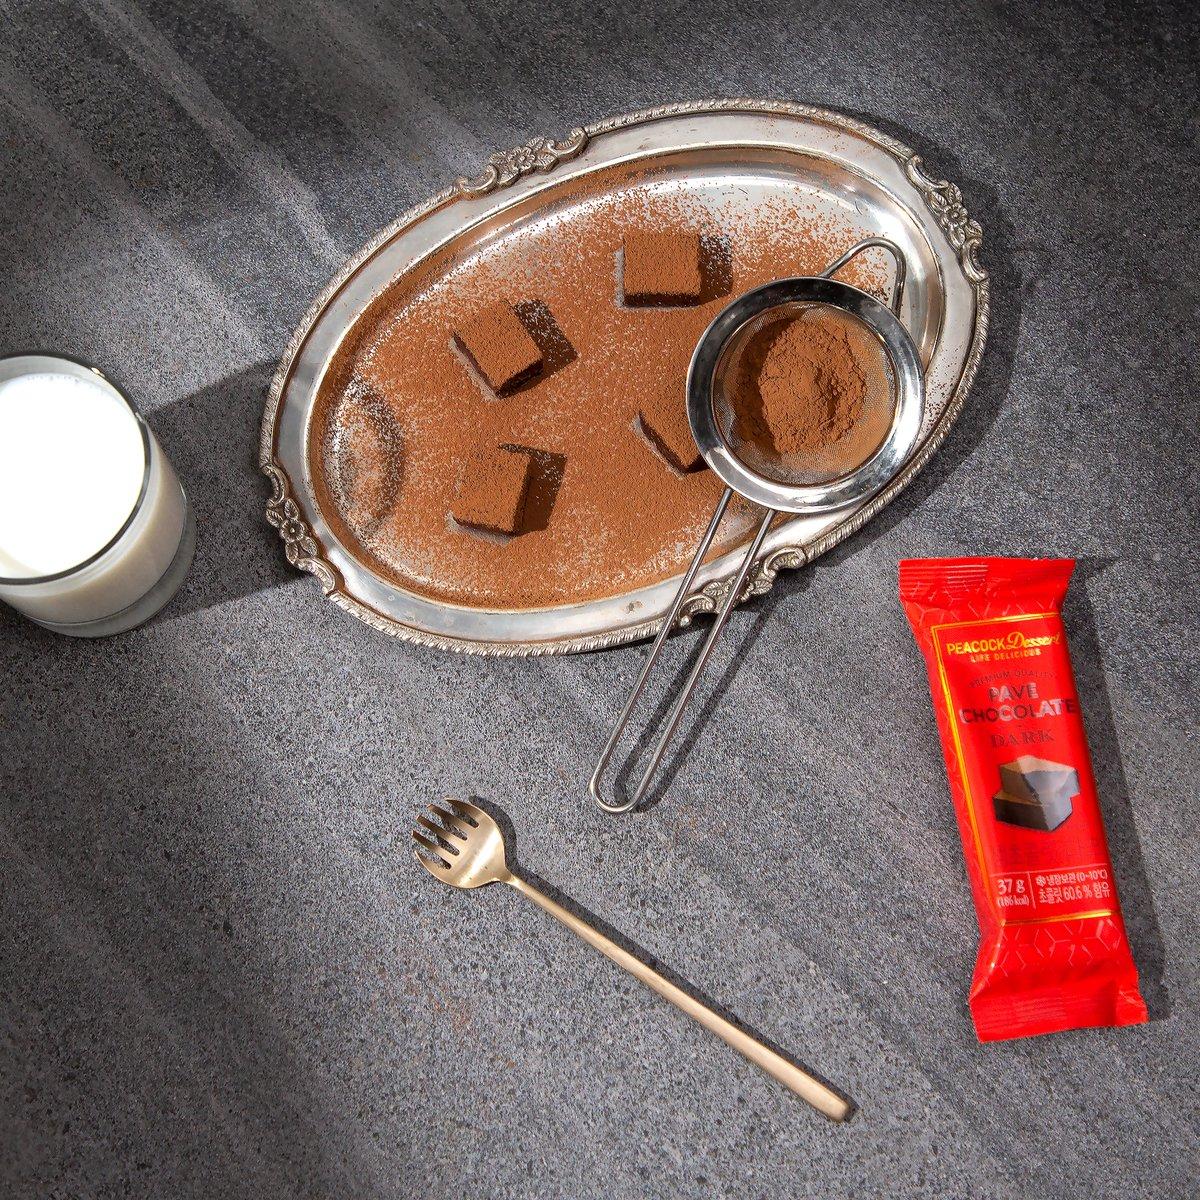 피코크 생초콜릿 다크 37g